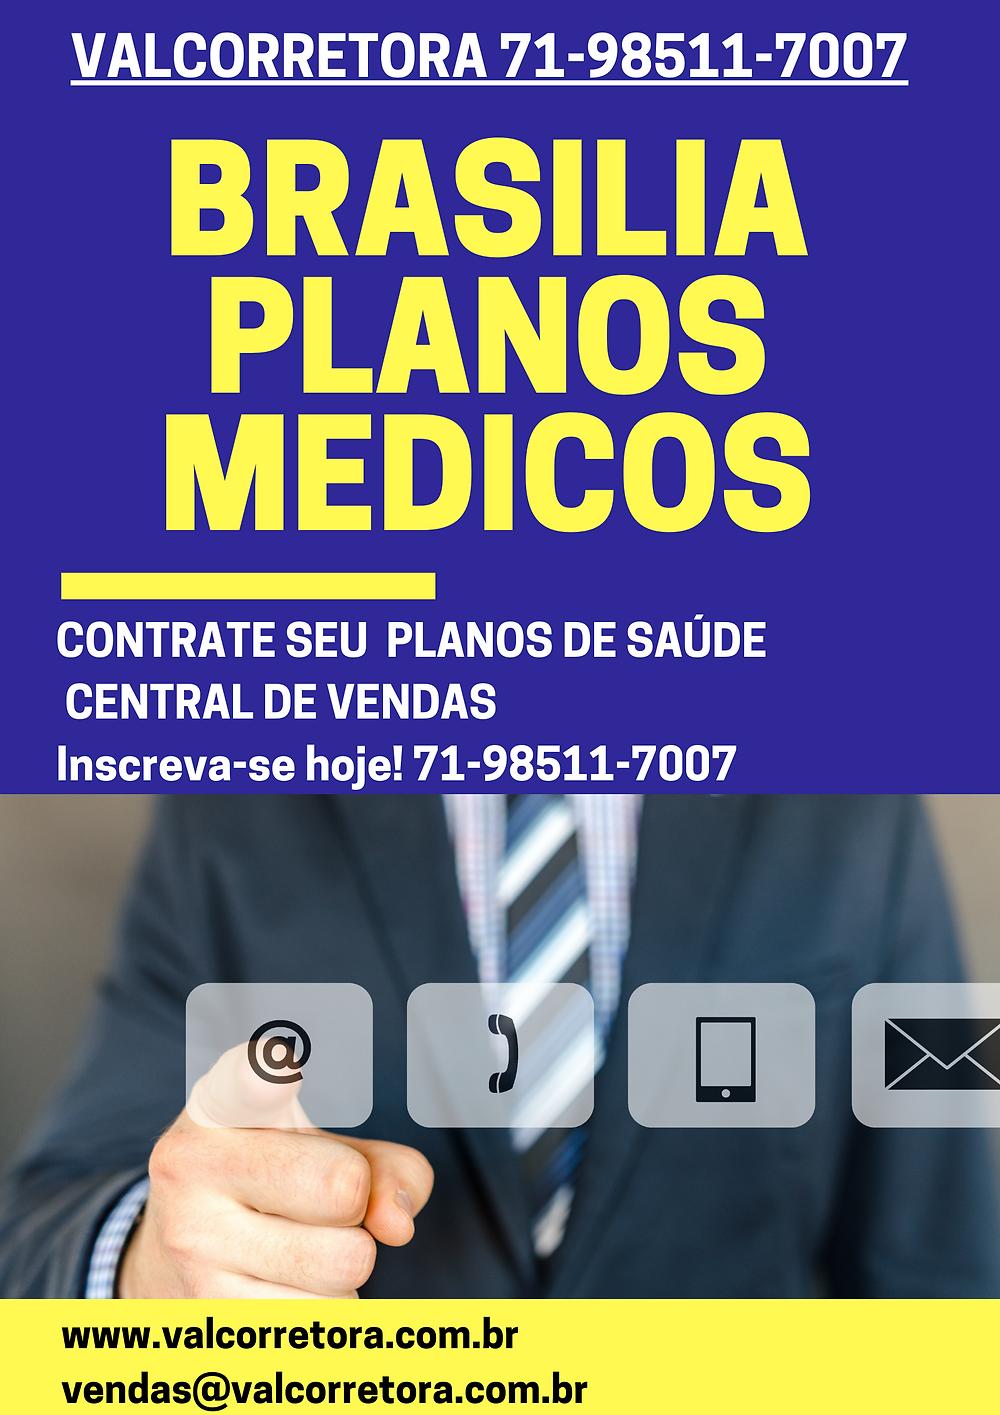 Planos de Saúde Adesão Individual Planos de Saúde Adesão Familiar Planos de Saúde Adesão Empresarial Central de Vendas de Planos de Saúde Corretora Vendas de Planos de Saúde em Brasilia